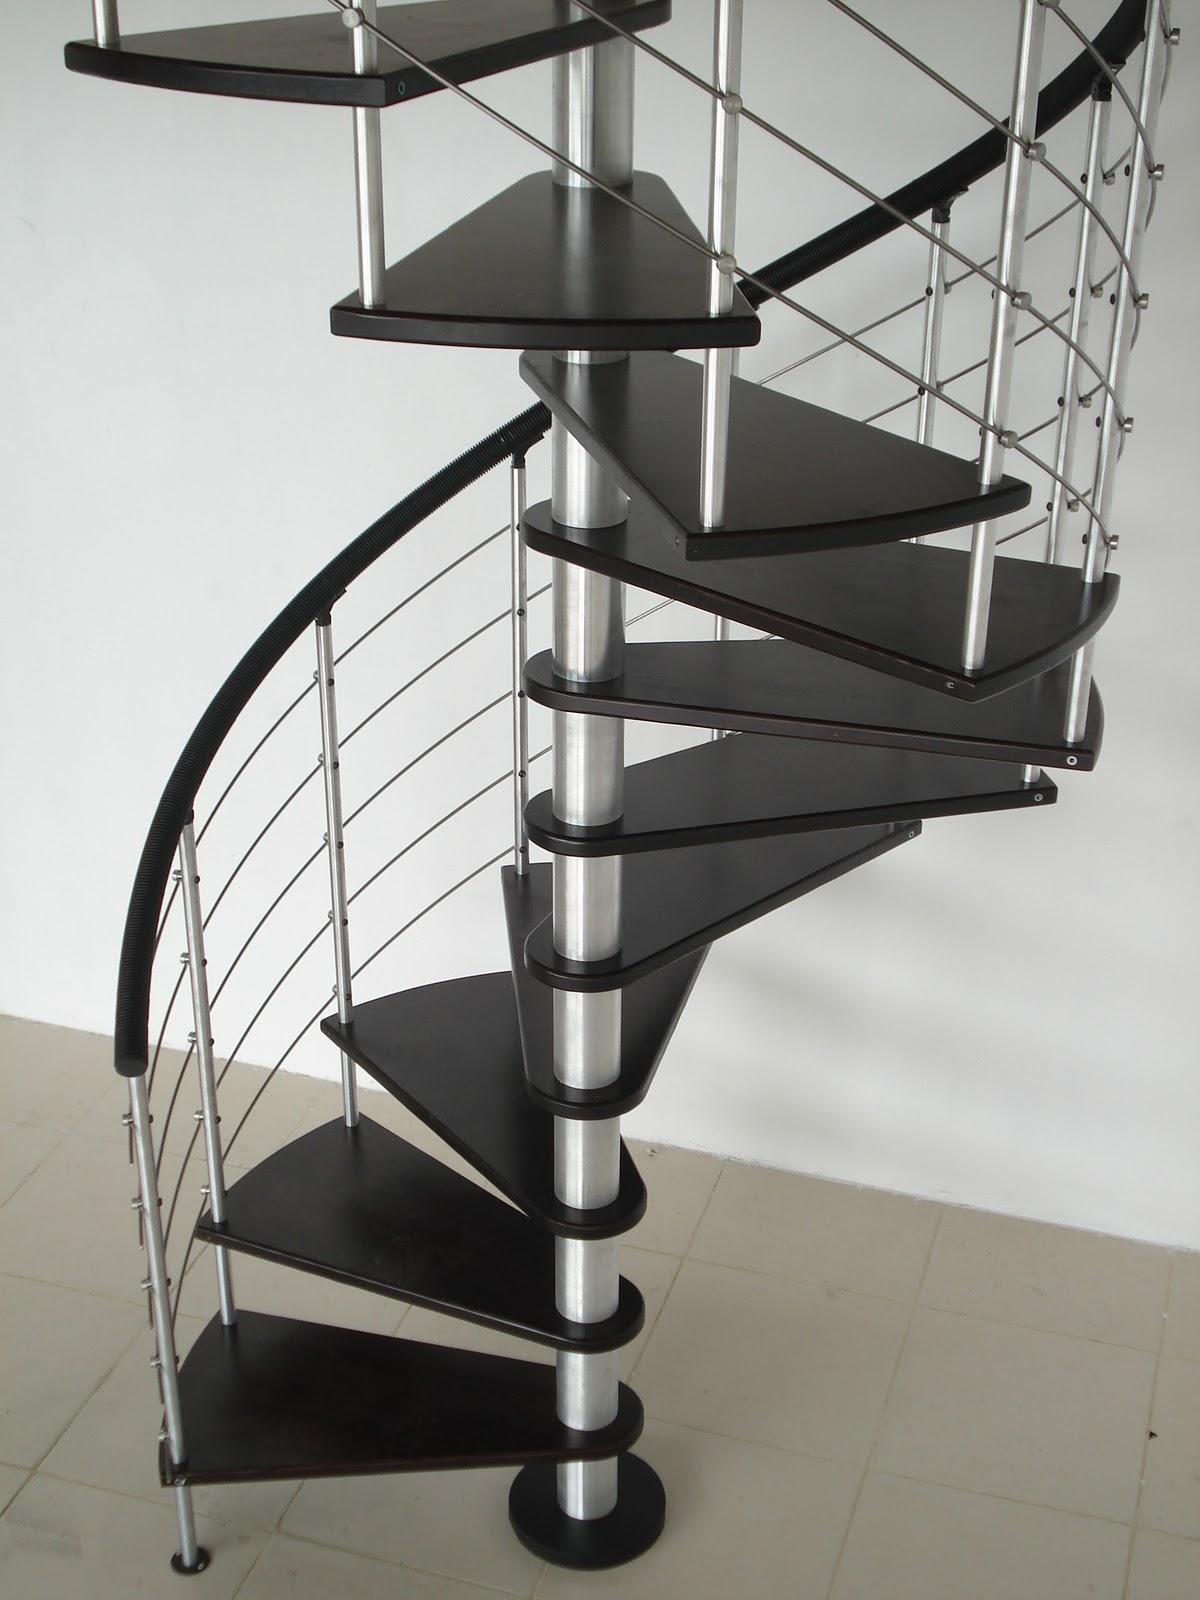 escalera caracol con eje central cromado y pasos en color negro